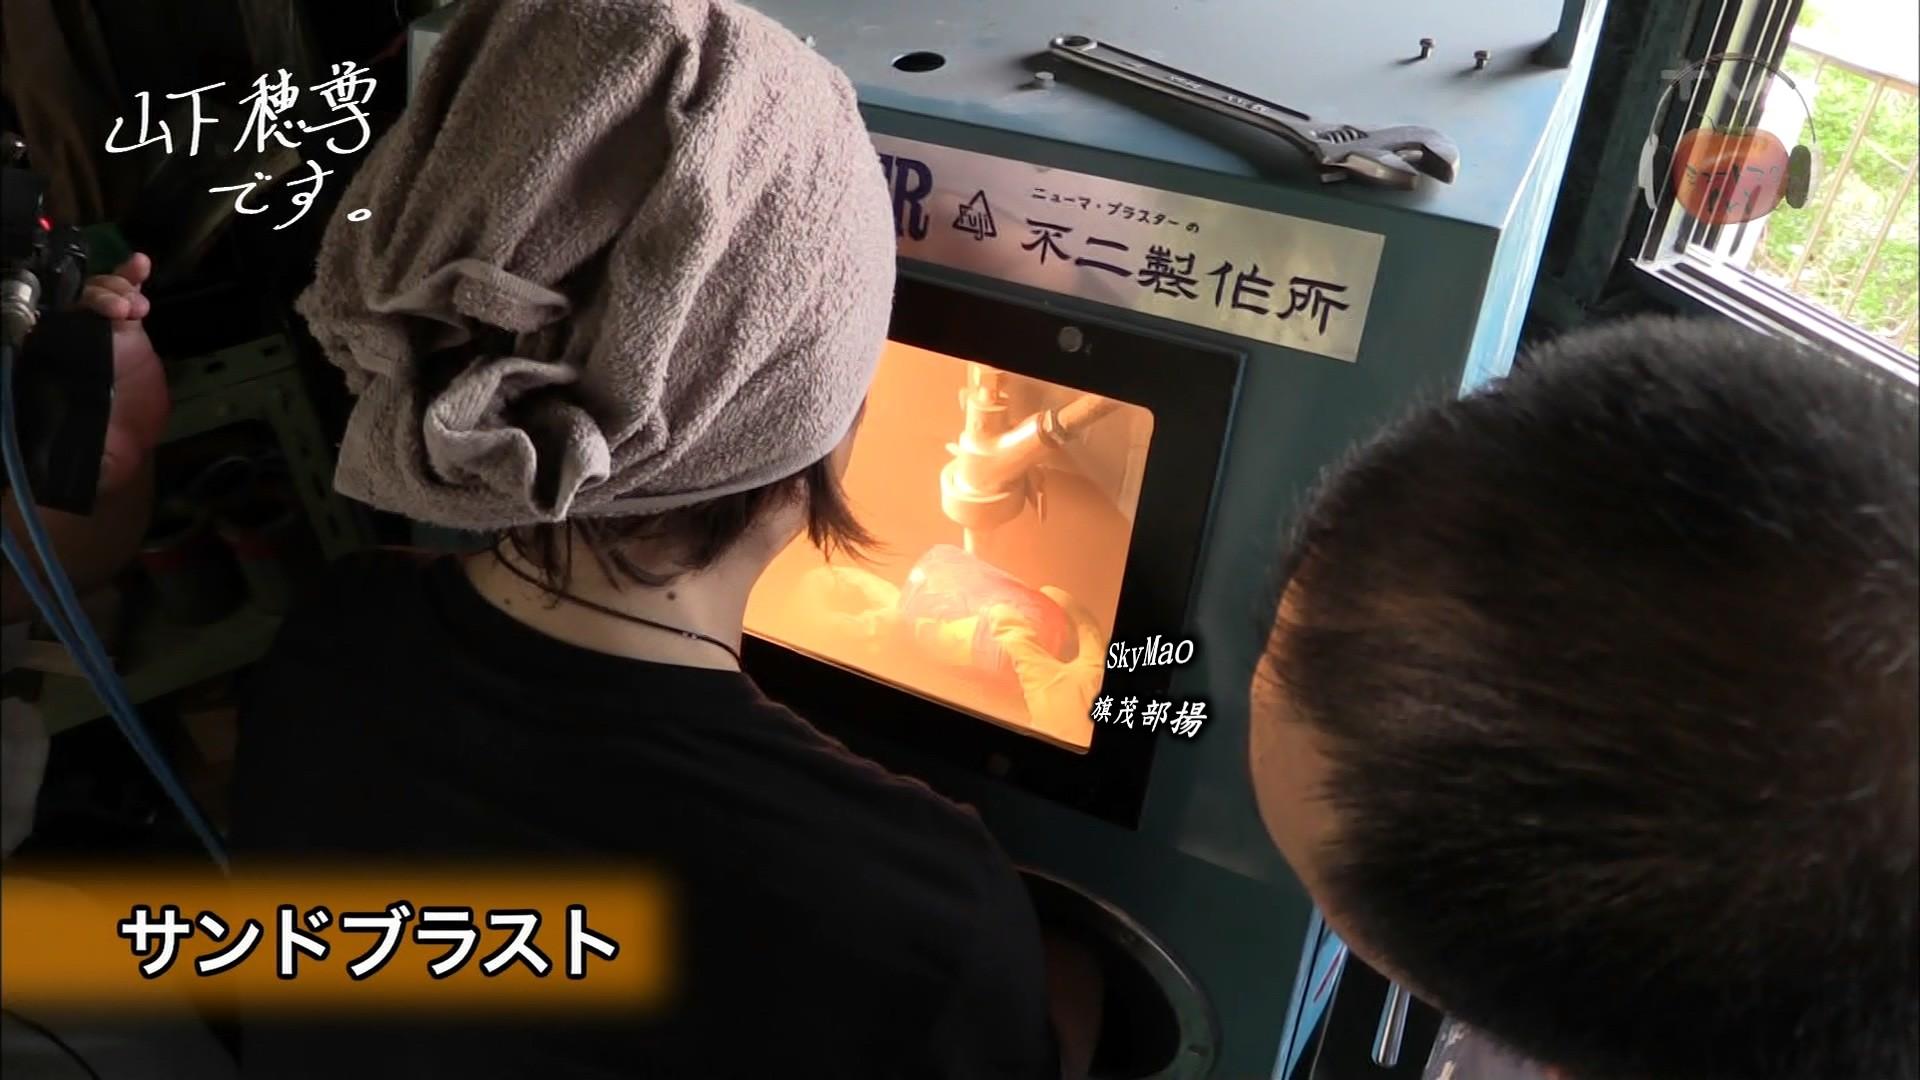 2017.09.29 全場(ミュートマ2).ts_20170930_021624.438